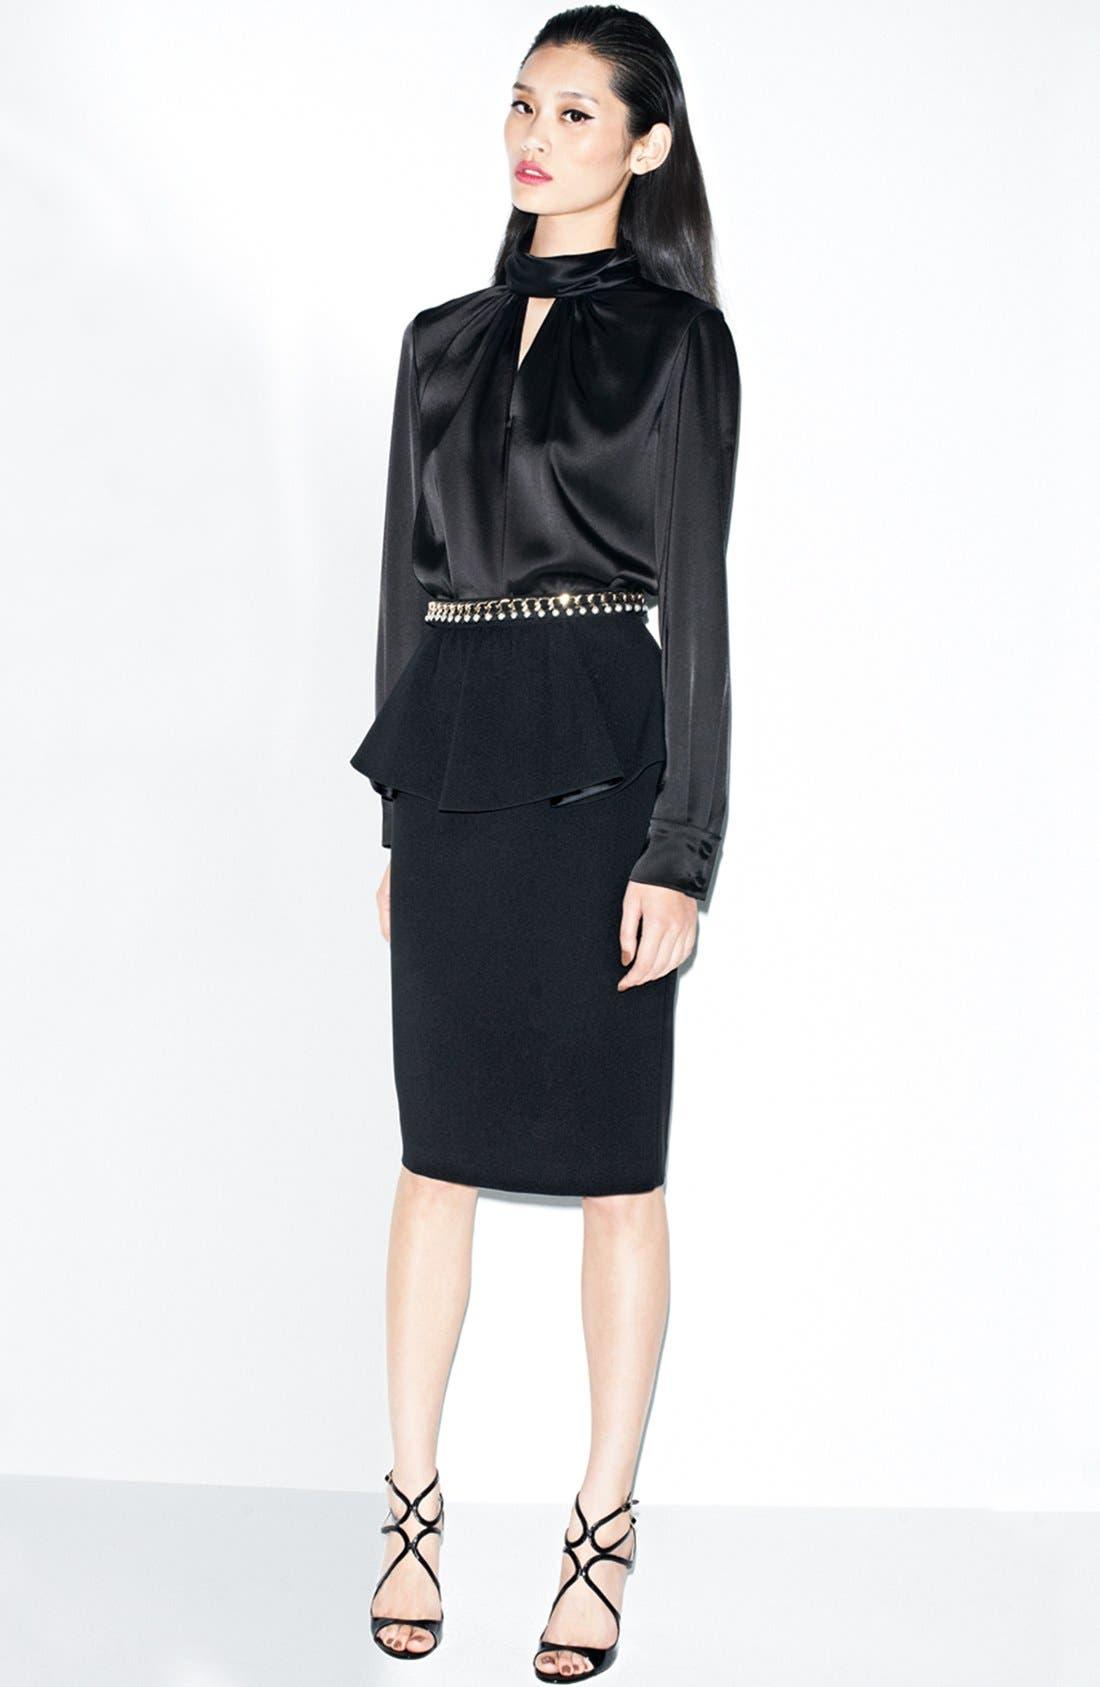 Main Image - St. John Collection Blouse, Belt & Skirt